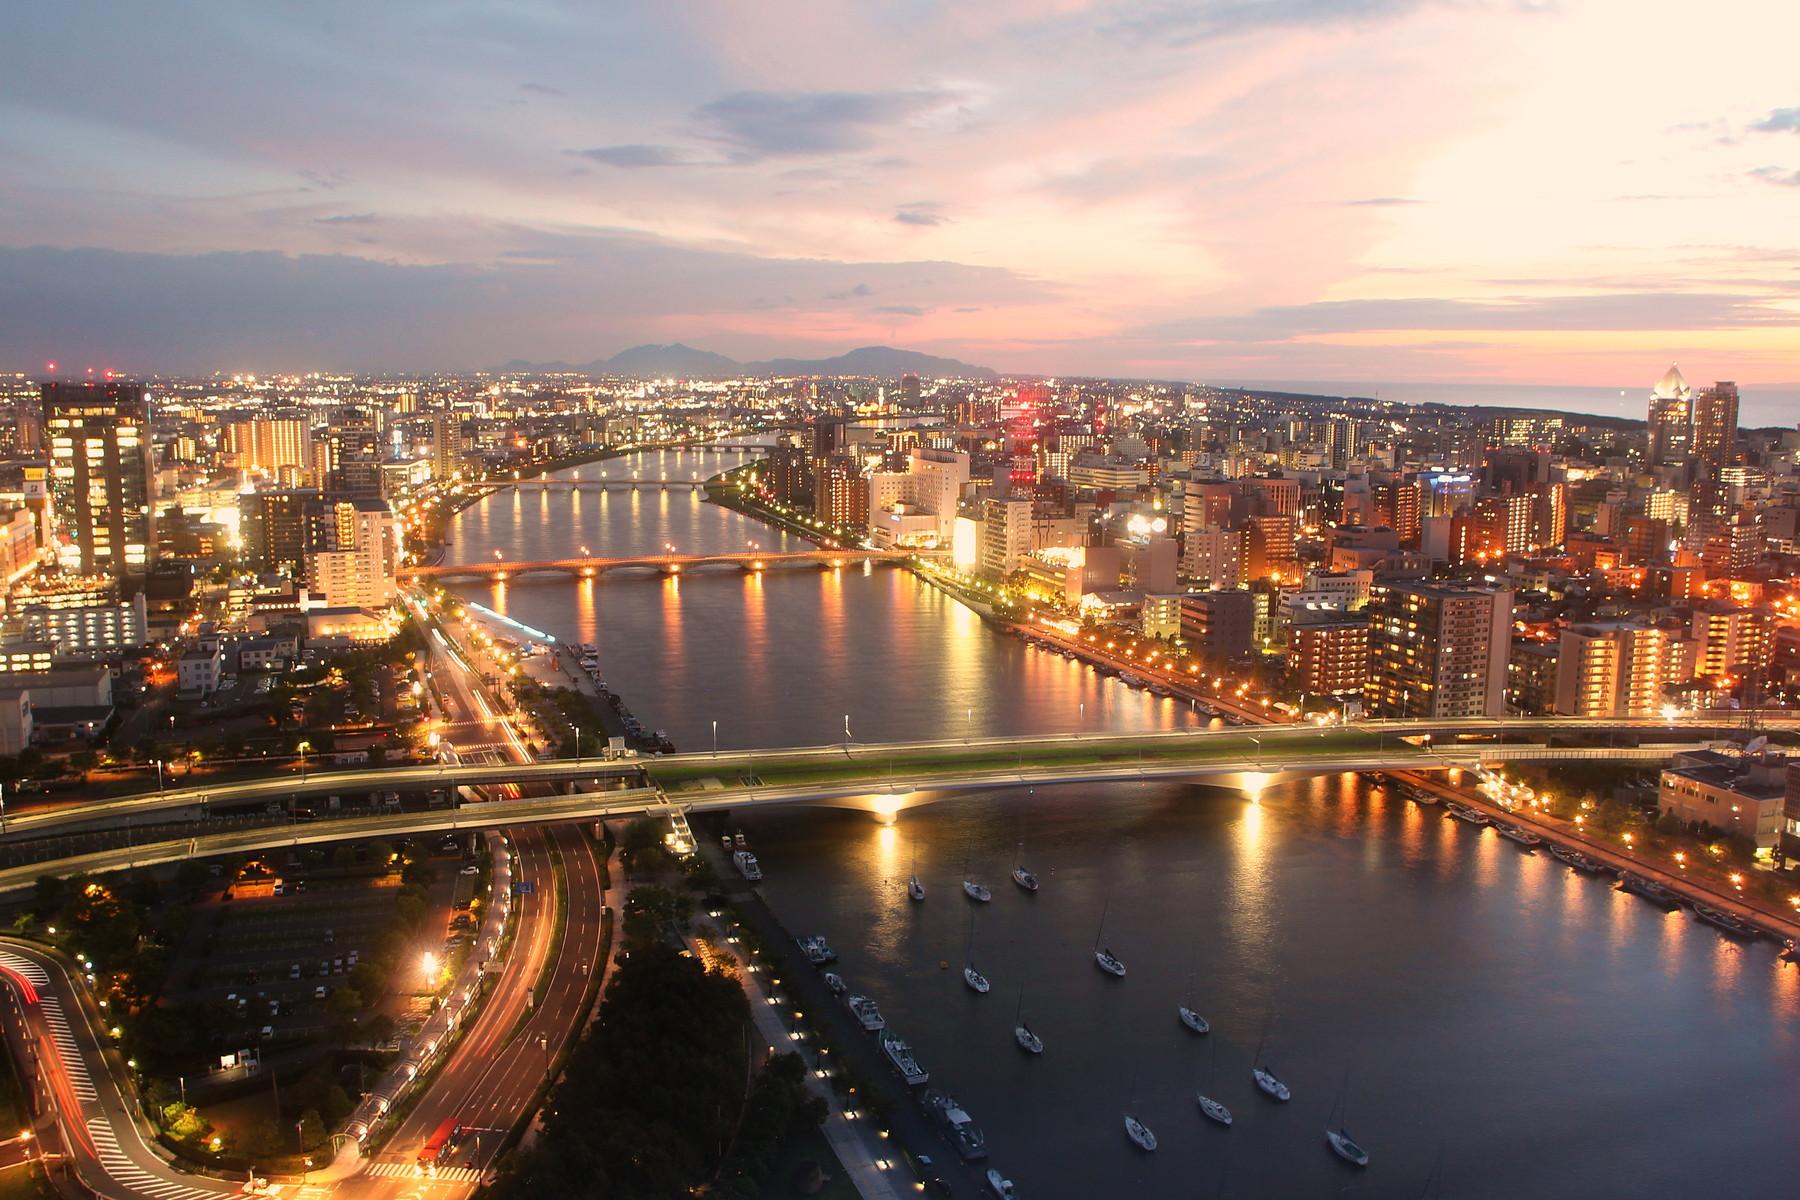 北陸新幹線開業後、ホントに「金沢一人勝ち」なのか [無断転載禁止]©2ch.netYouTube動画>28本 ->画像>79枚